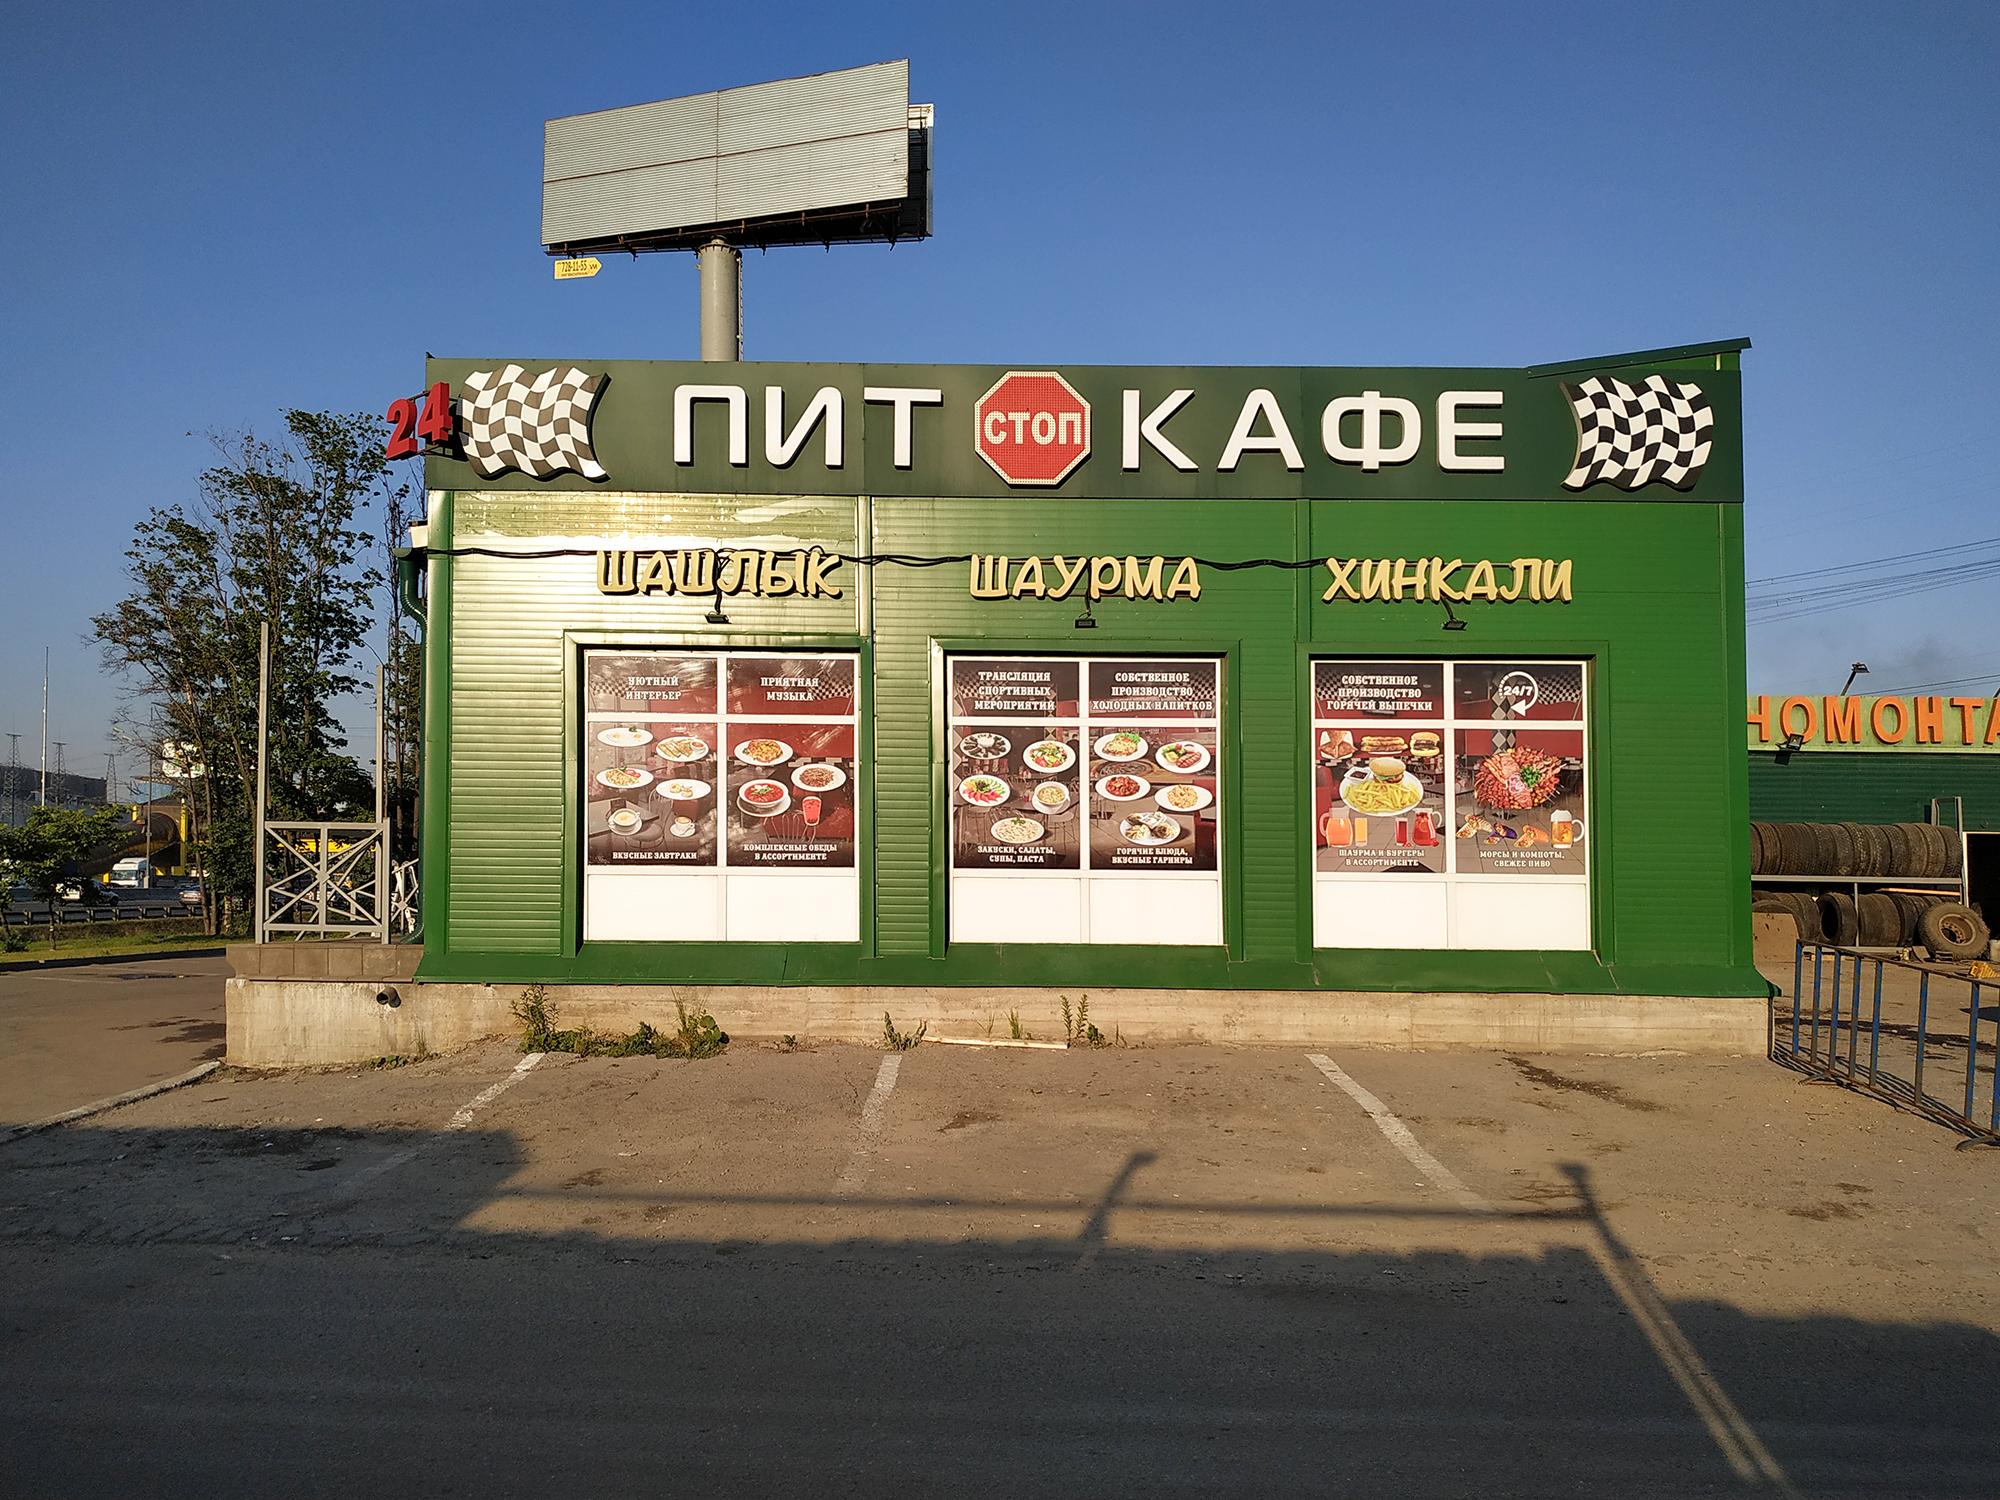 Мы обклеили окна для кафе ПИТ-СТОП